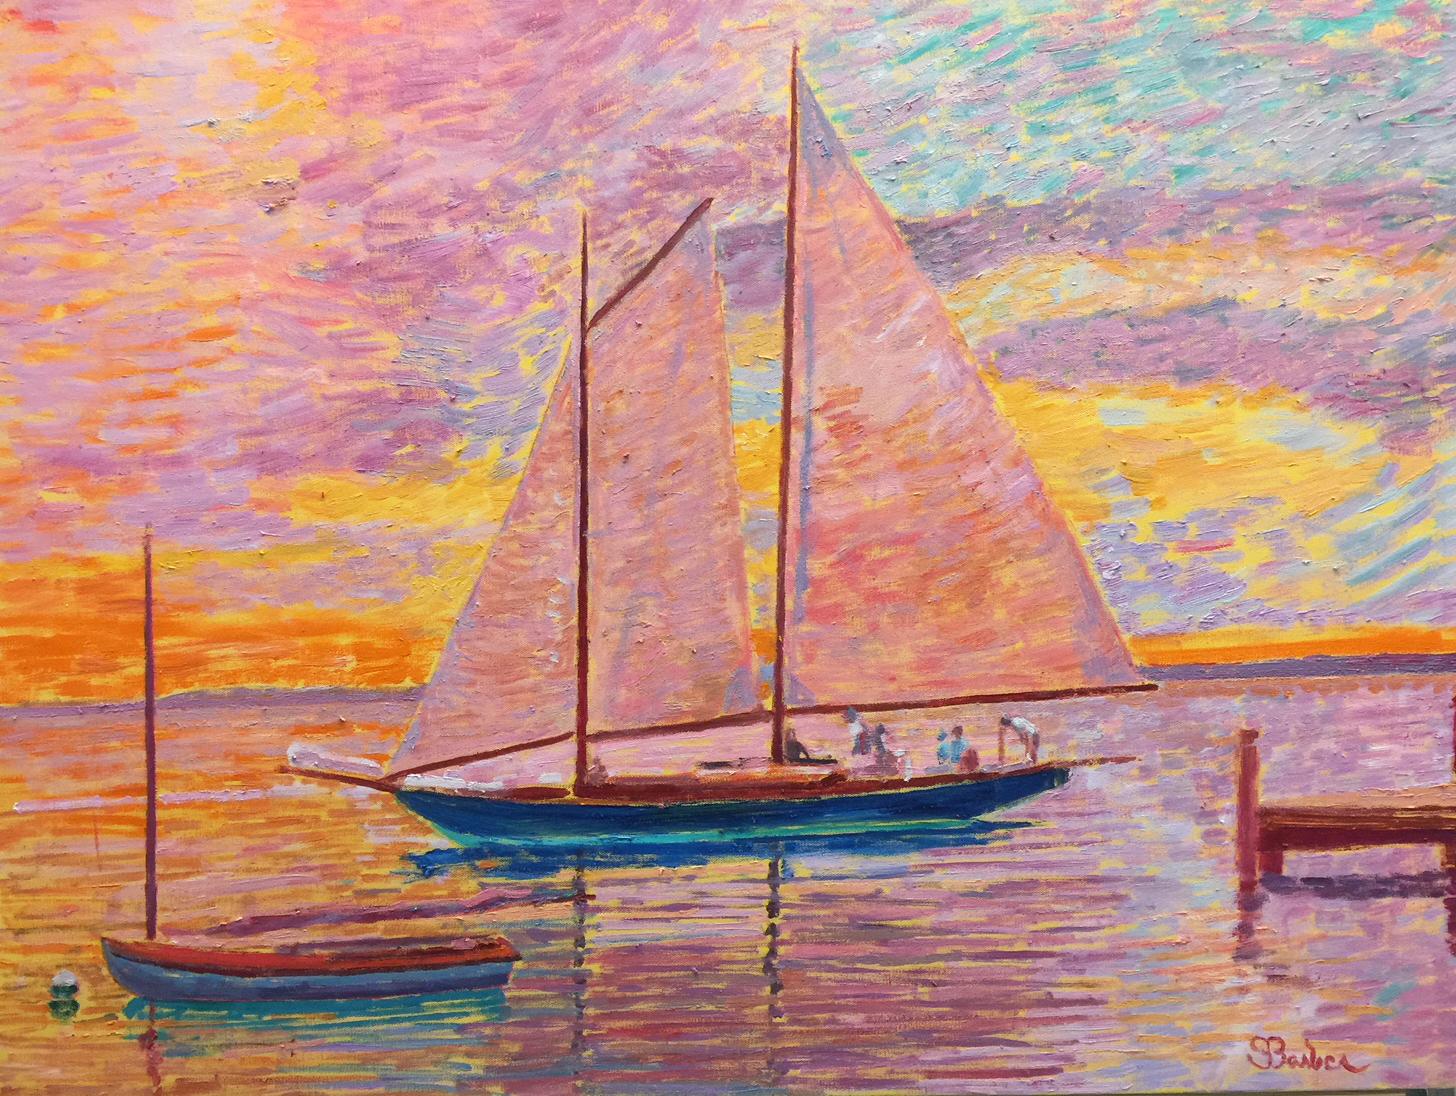 Mya at Sunset |  30 x 40  |  Oil on canvas